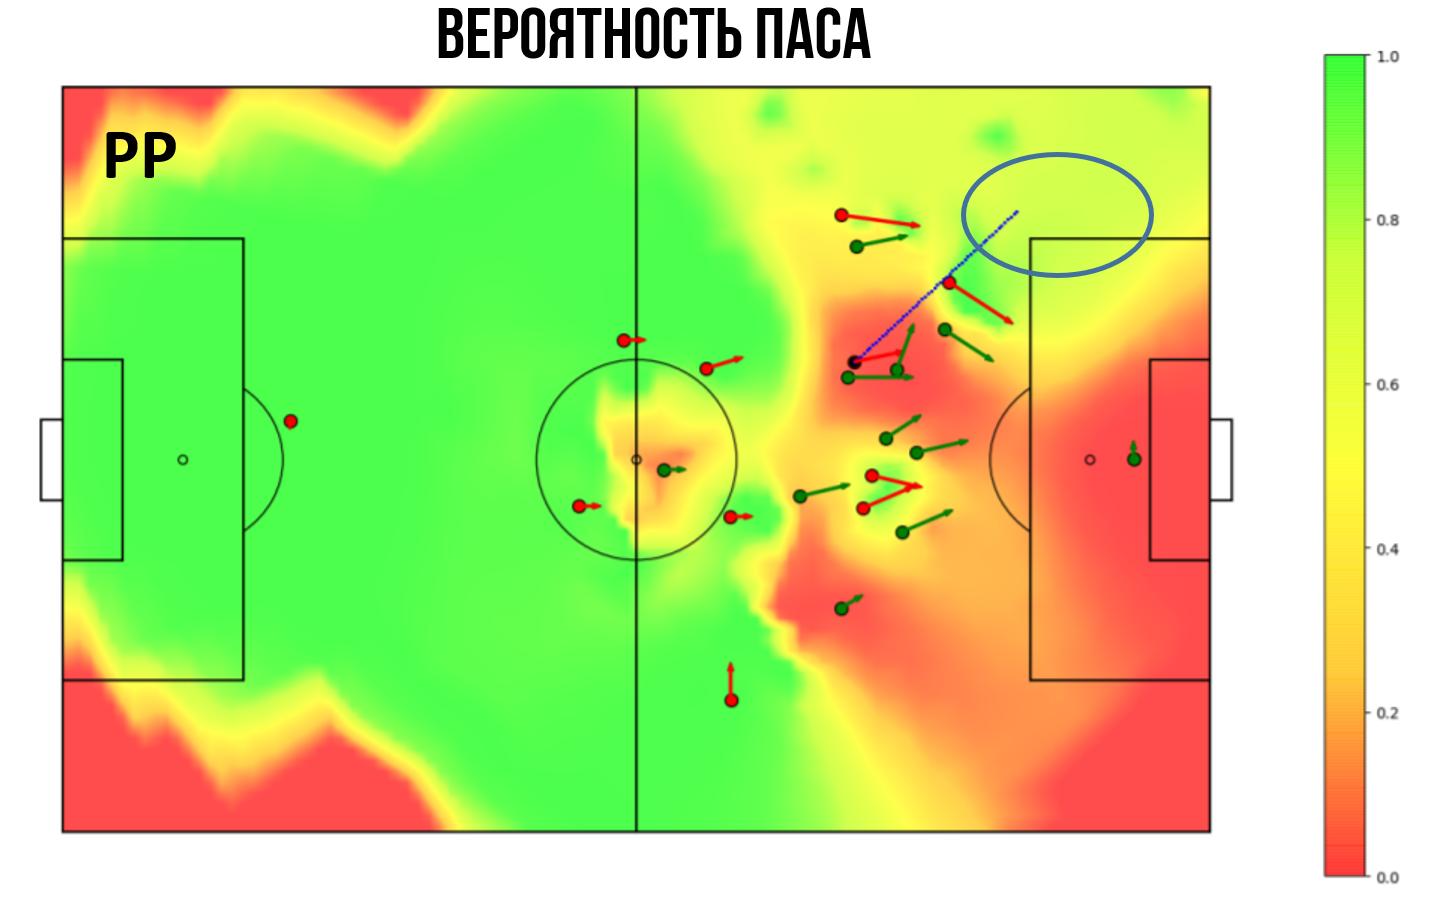 Пространственные метрики в футболе, теория зон, модель автономного игрока и симуляция игровых моментов